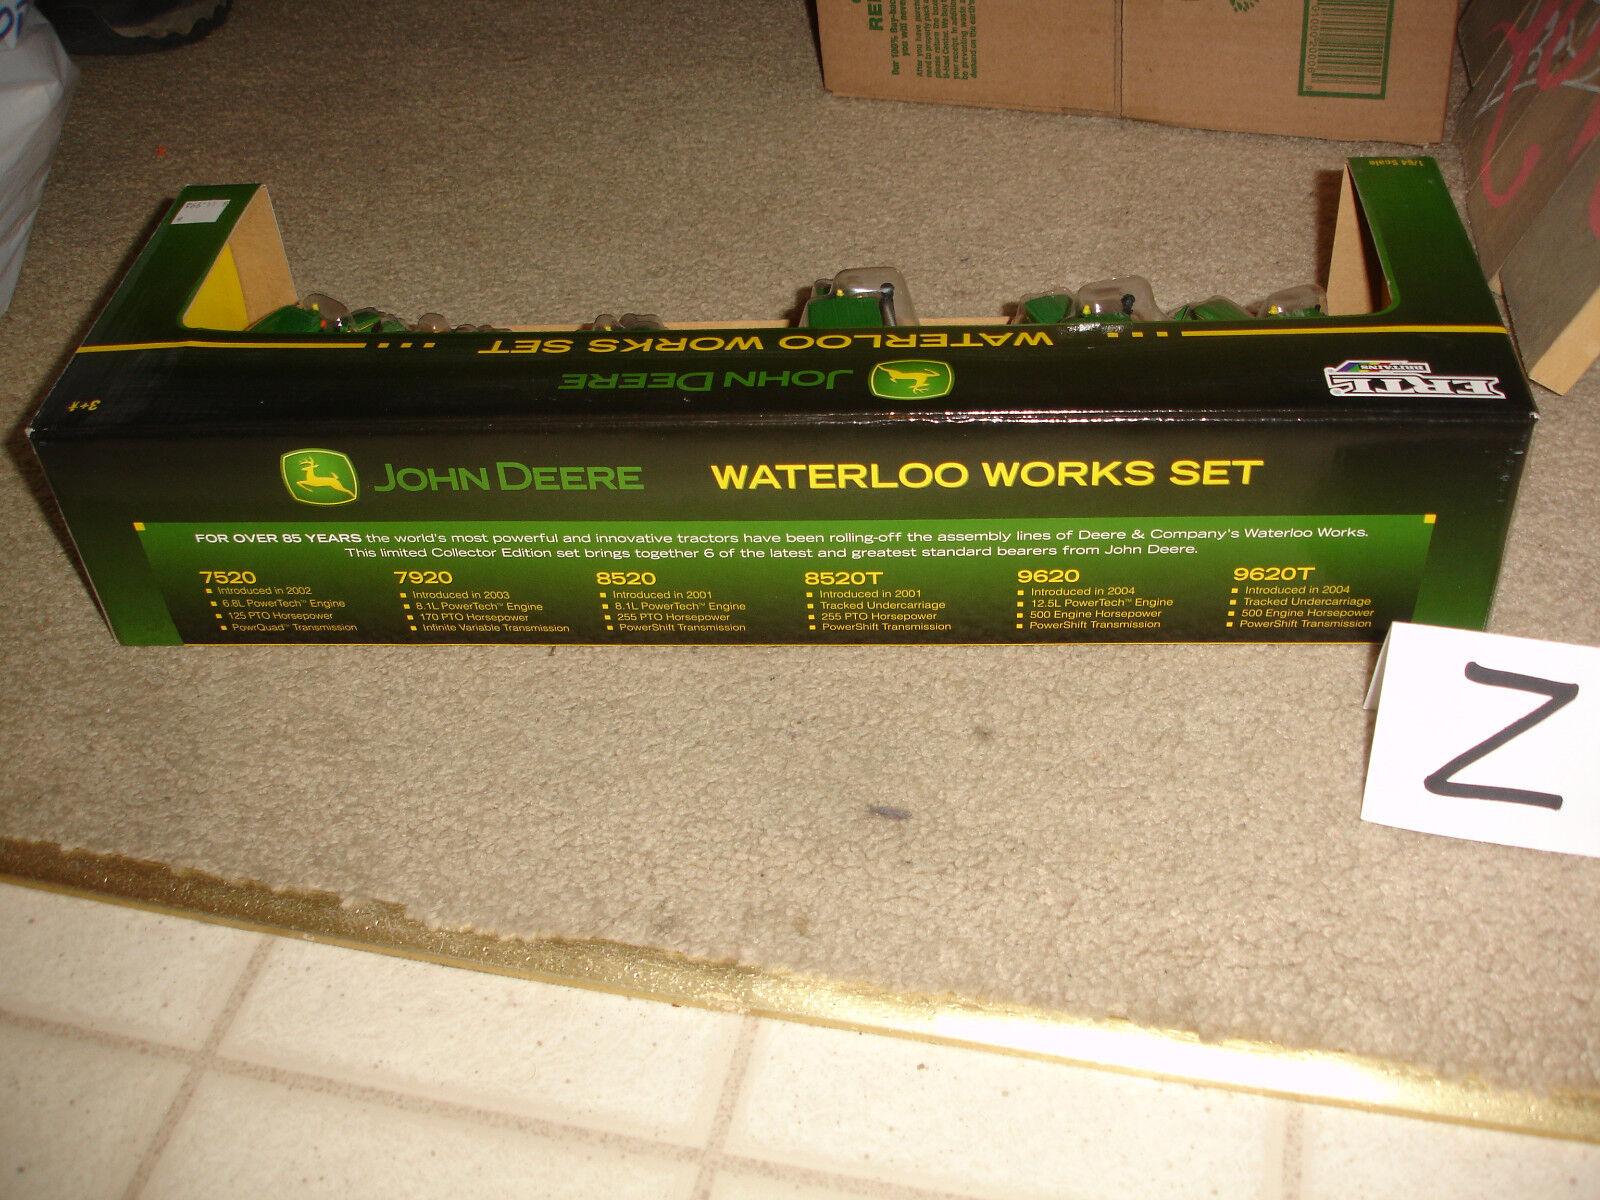 1 64 John Deere Waterloo Works 6-piece Tractor Set - new in box